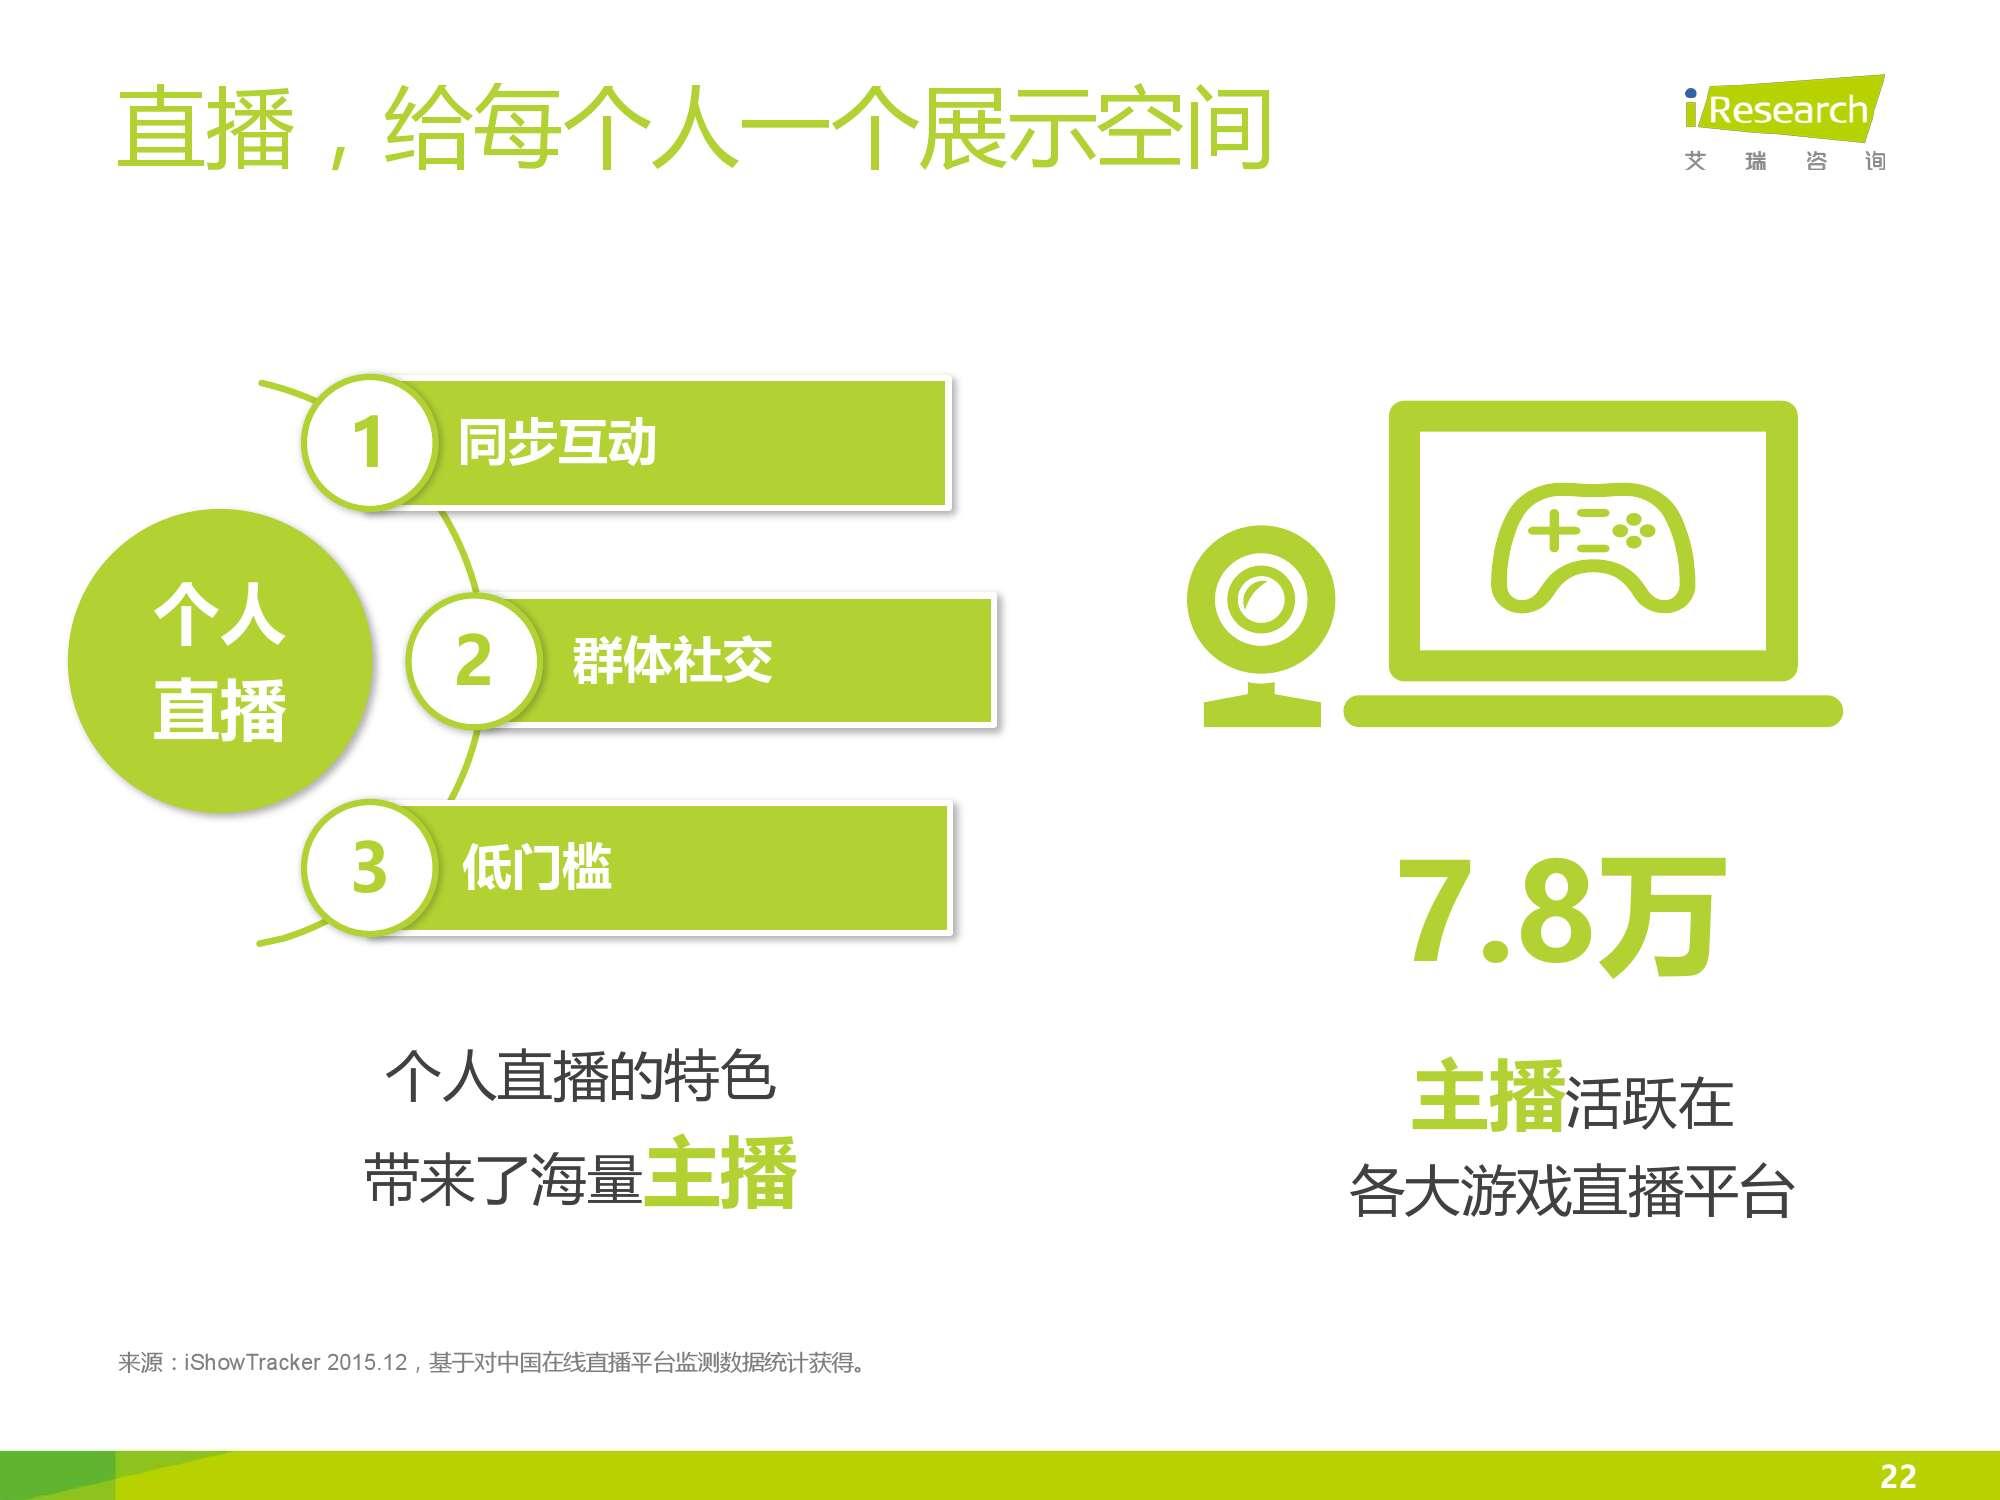 2016年中国电竞内容生态报告_000022